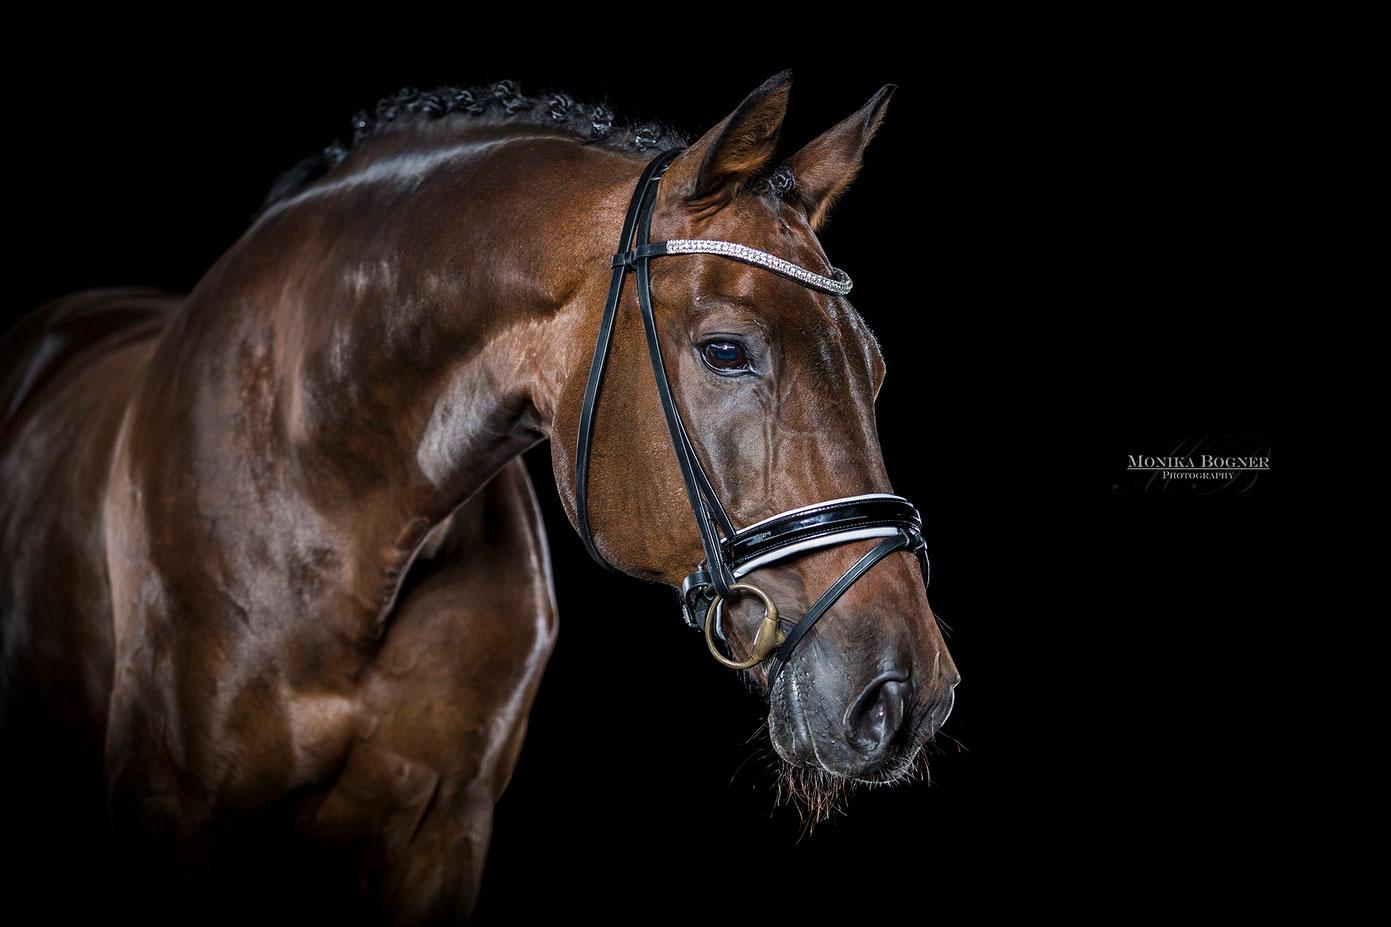 Ganz und zu Extrem Pferde im Studio - Monika Bogner Photography - Pferdefotografie #ZF_91